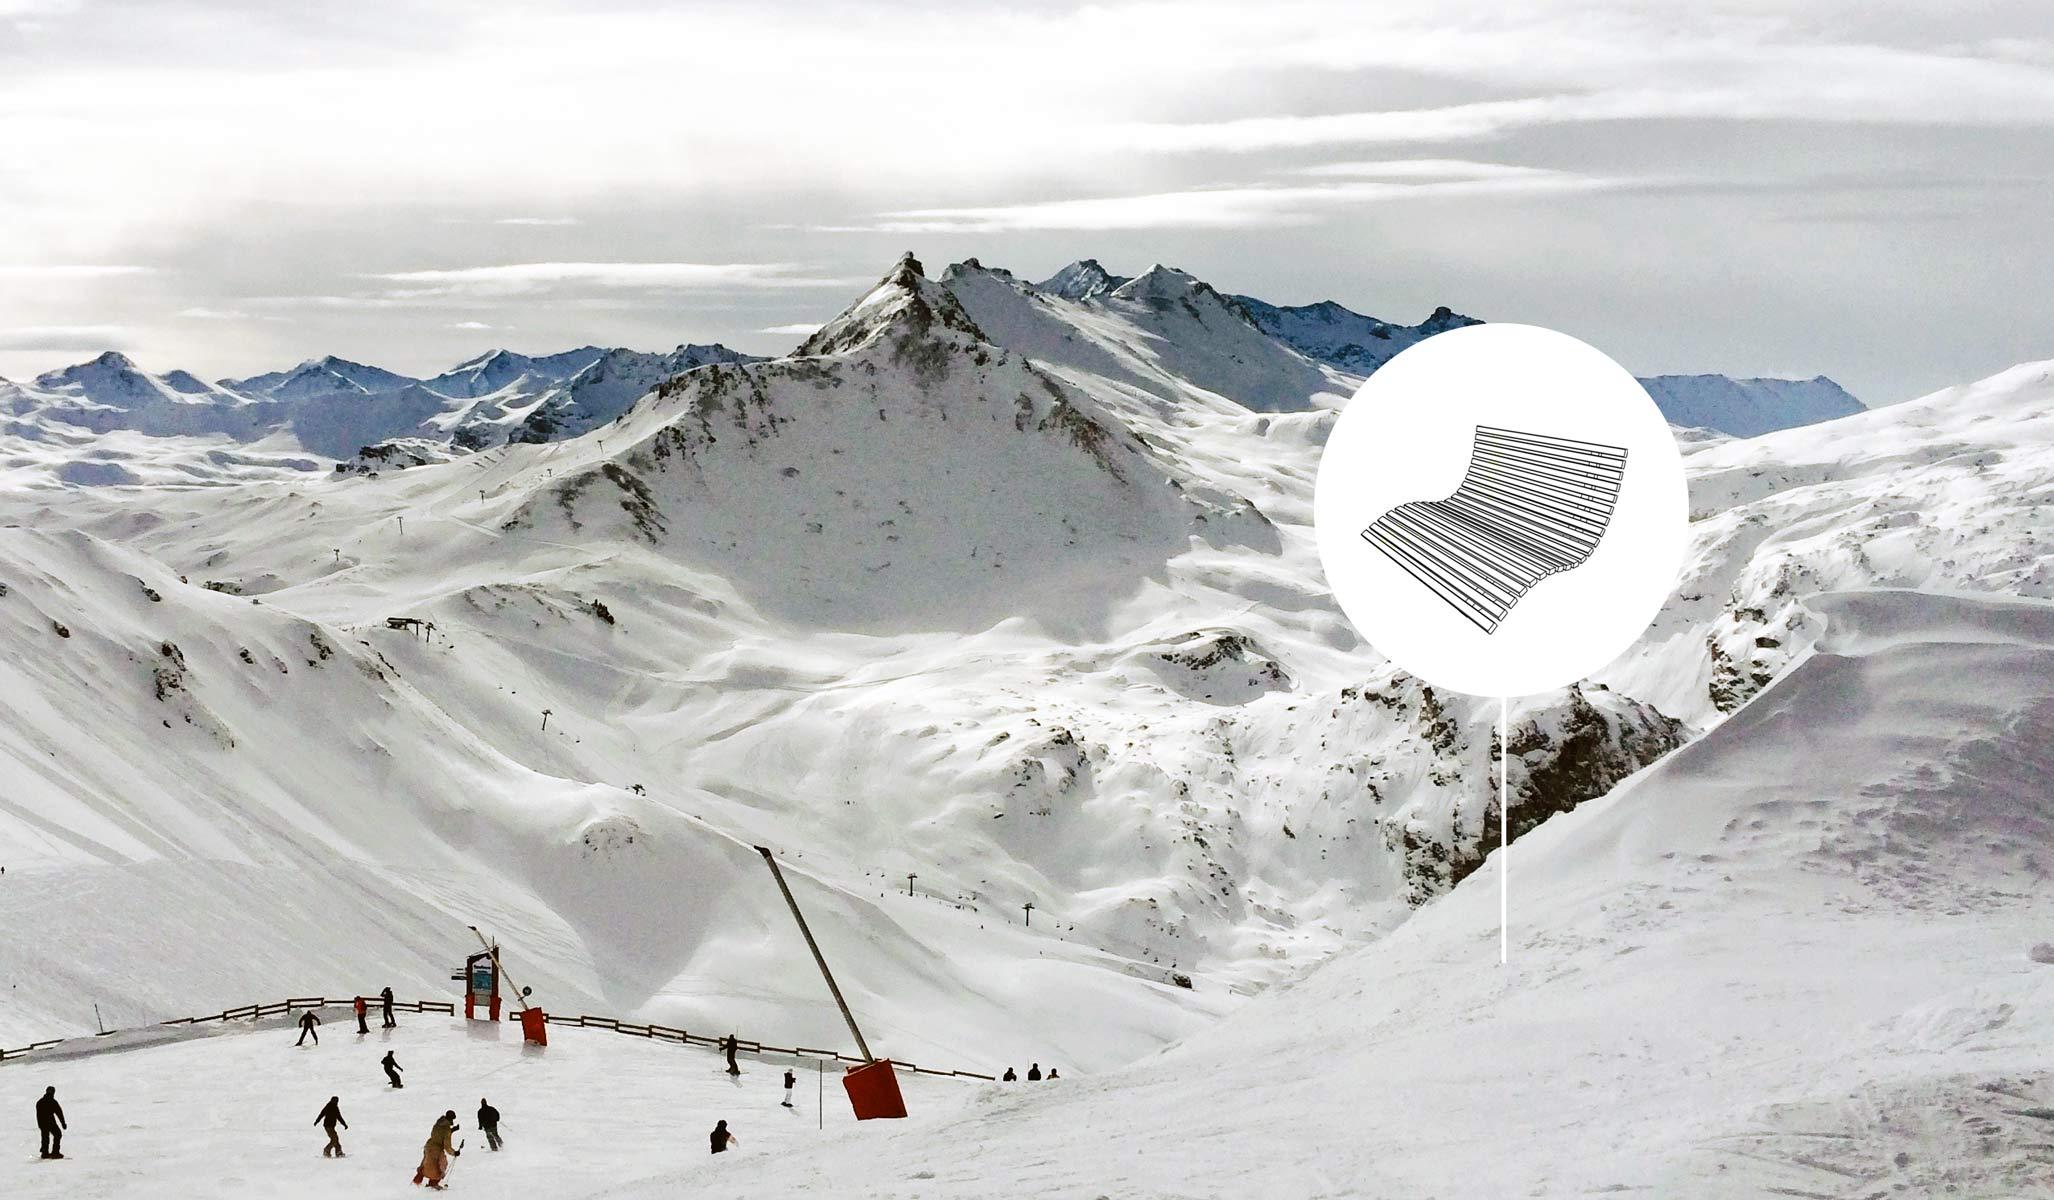 liegewelle-skipiste-huette-liege-skihuette-relaxliege-sonnenliege